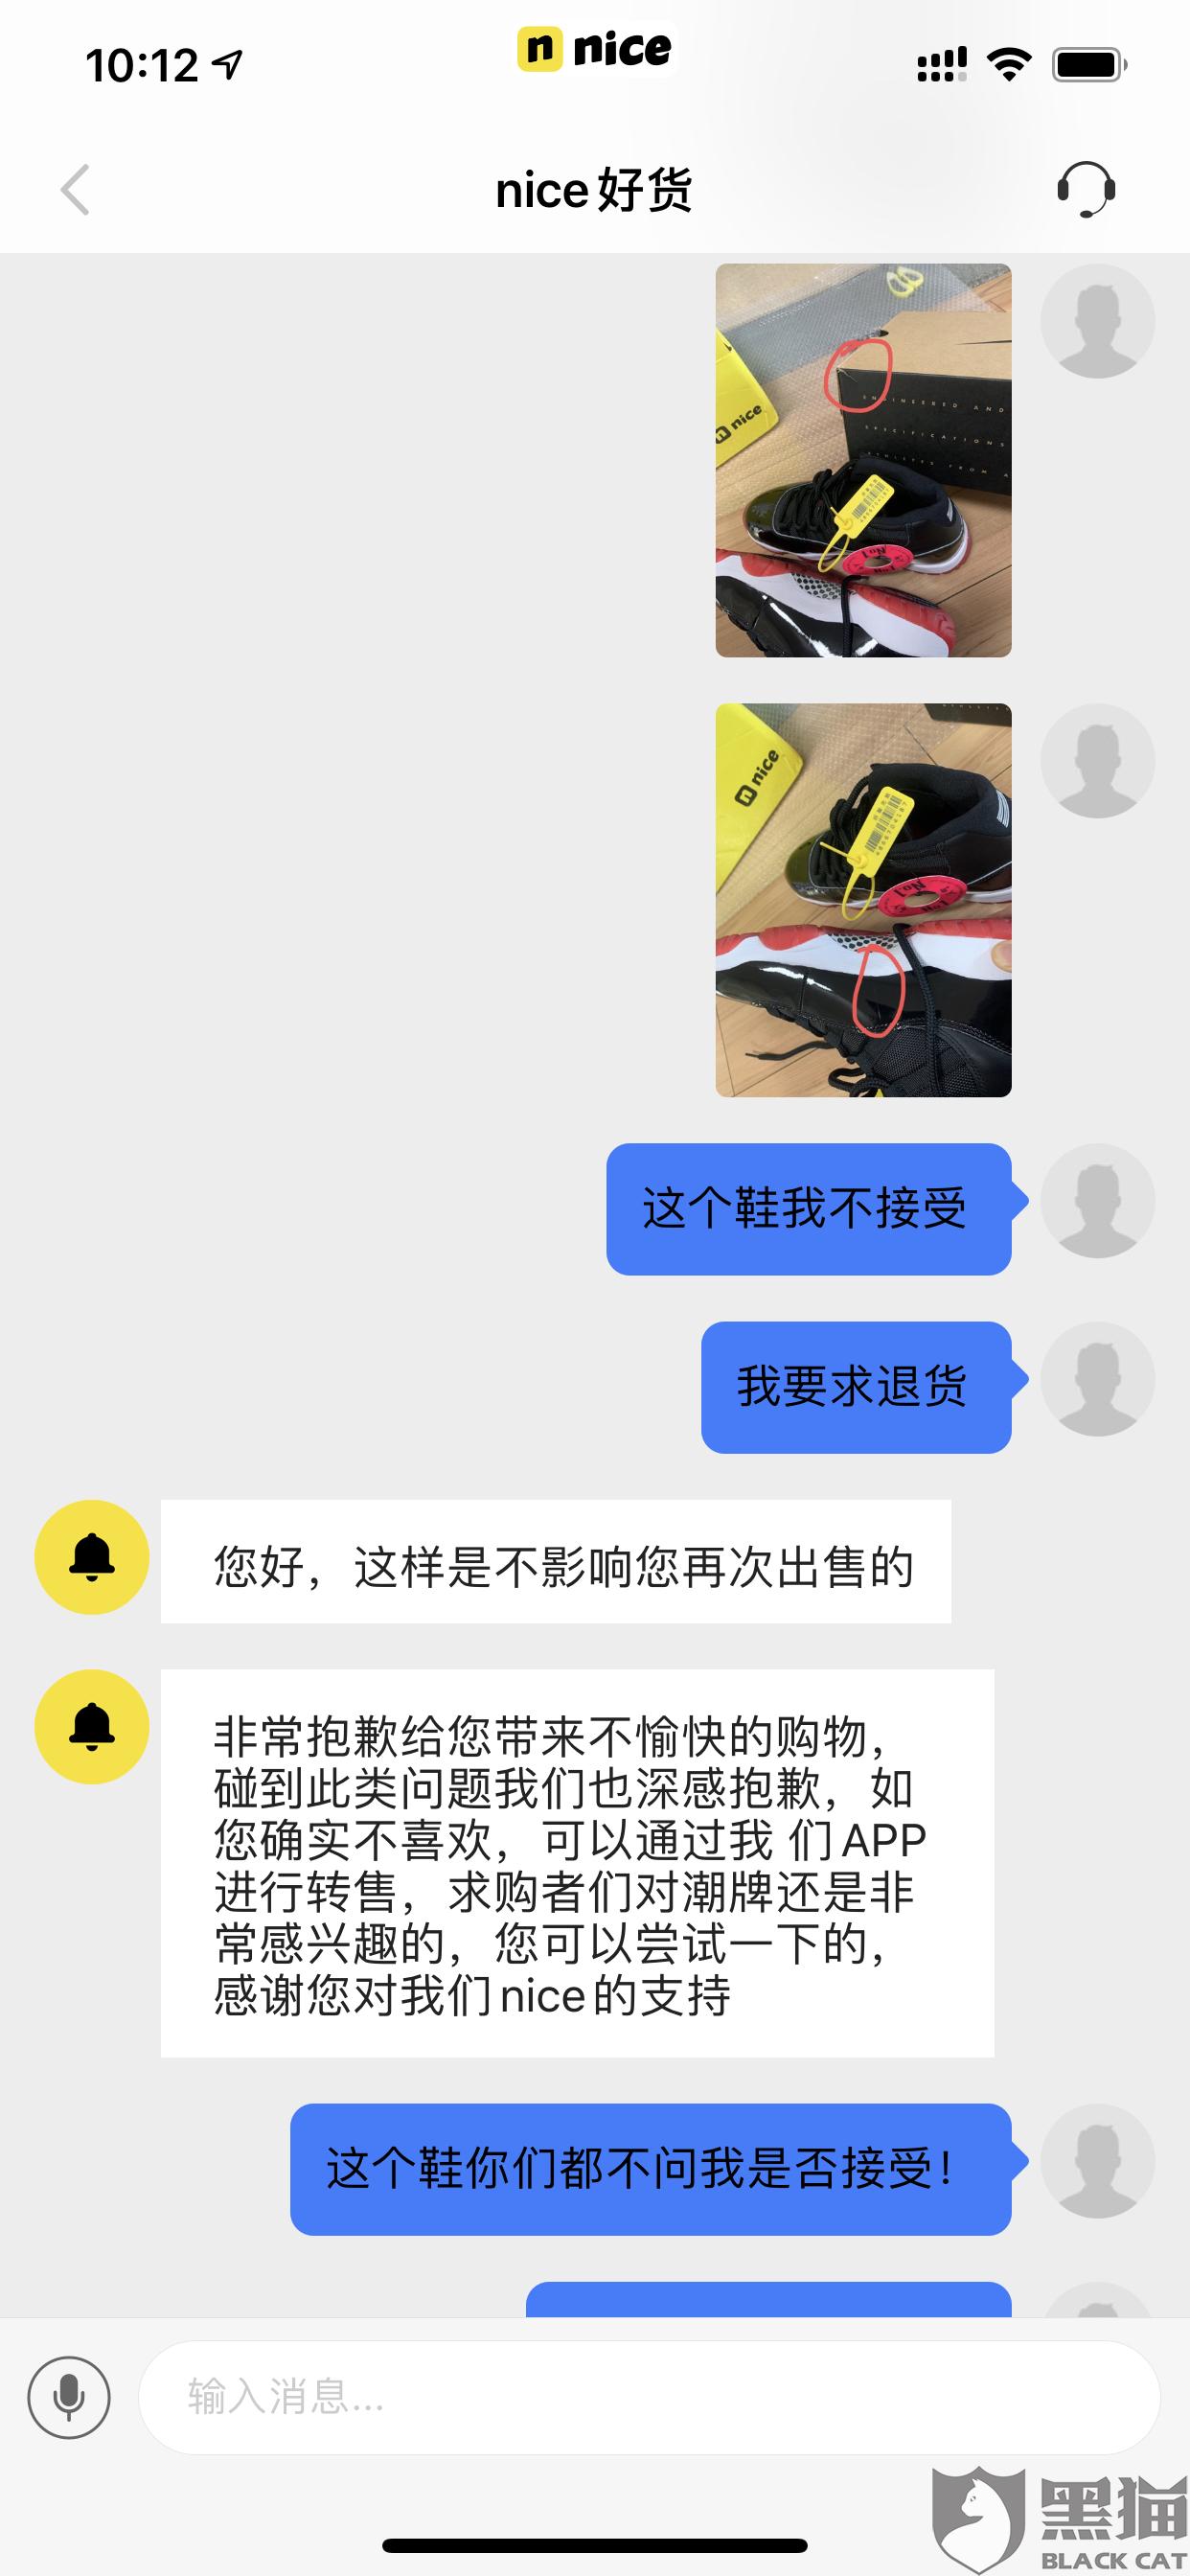 黑猫投诉:nice平台给我发了一双有质量问题的球鞋aj11